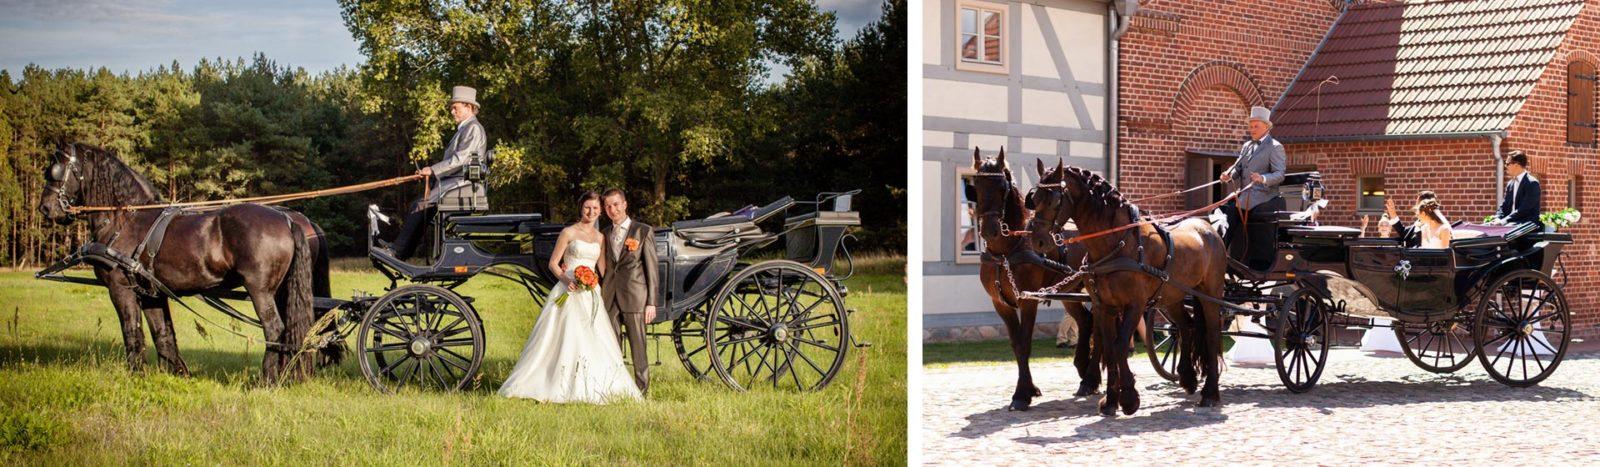 Hochzeitskutschfahrten in Berlin und Brandenburg